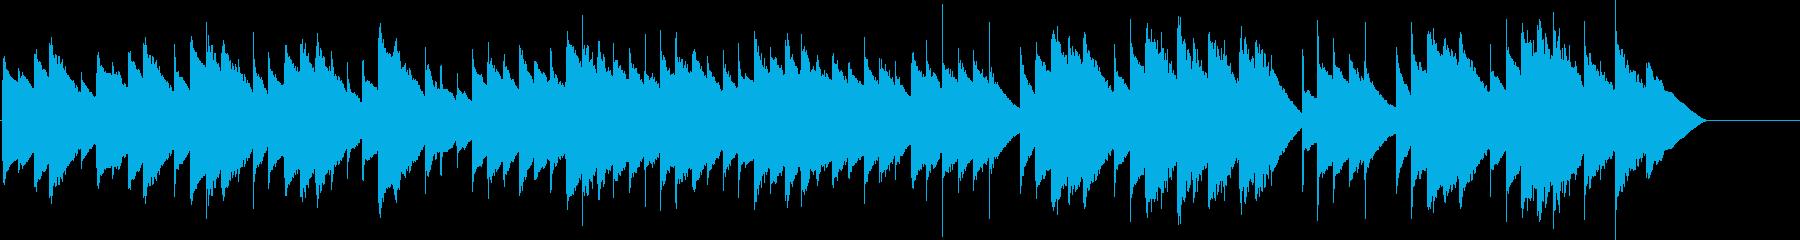 オルゴールで子守唄2(ブラームス)の再生済みの波形